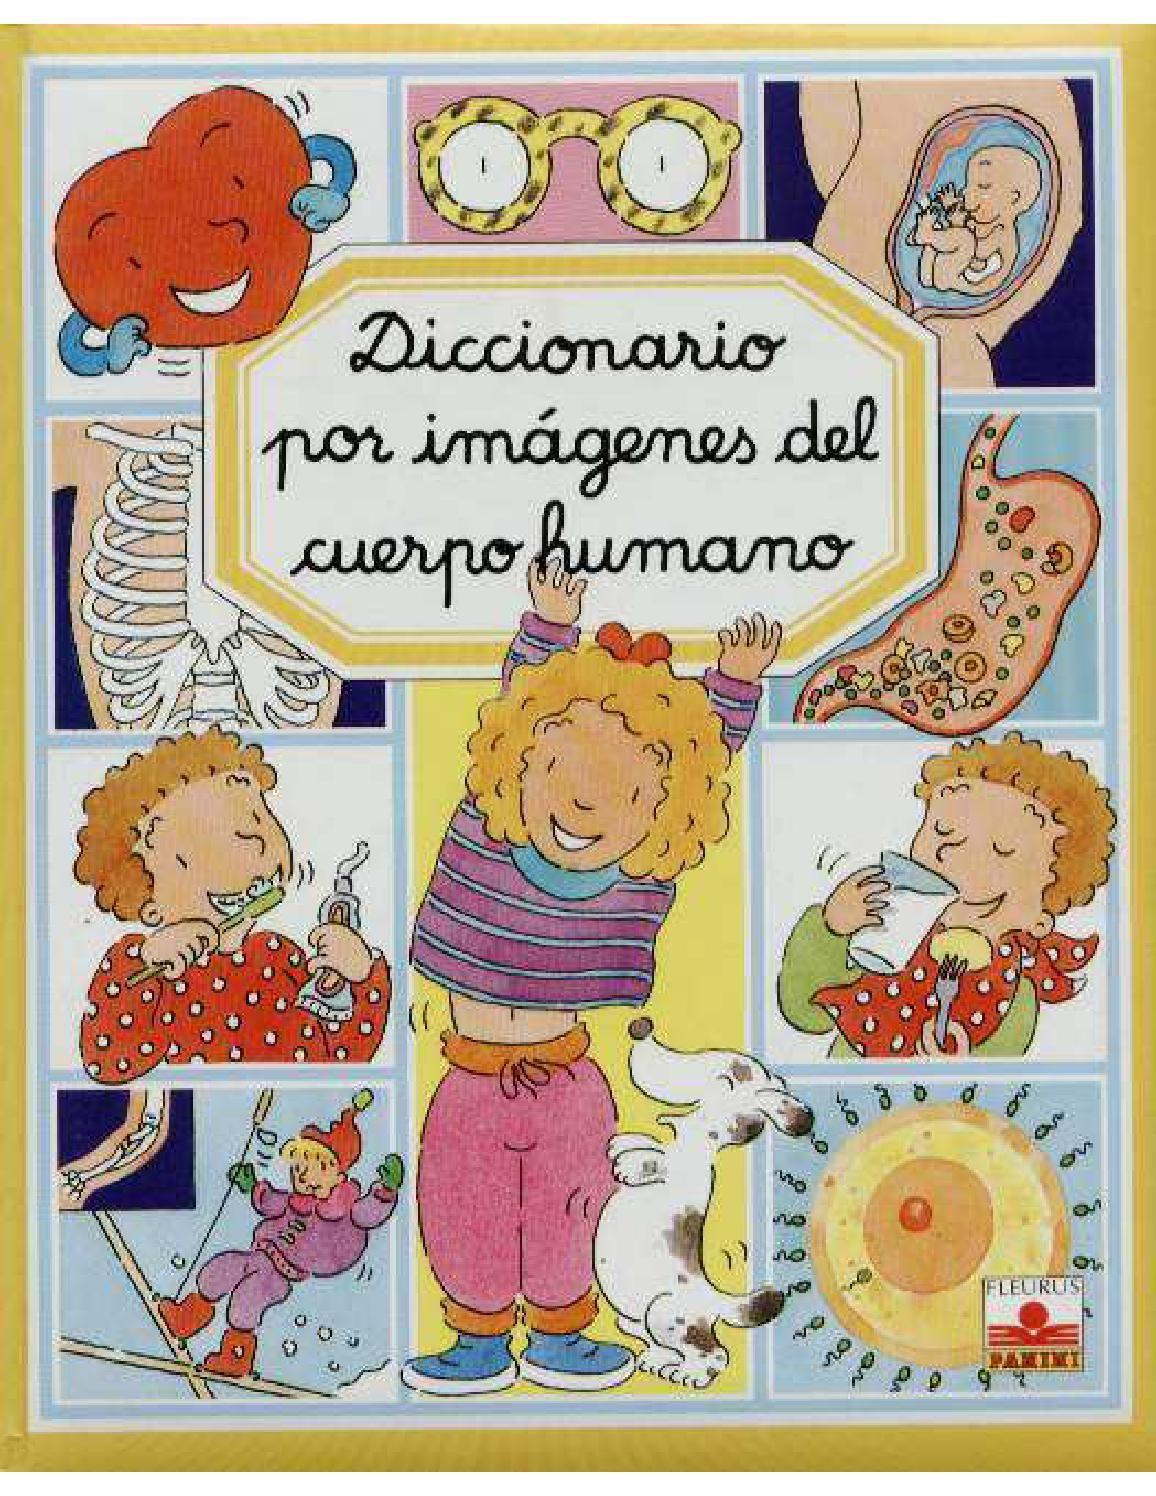 Diccionario por imágenes del cuerpo humano | Imágenes del cuerpo, El ...